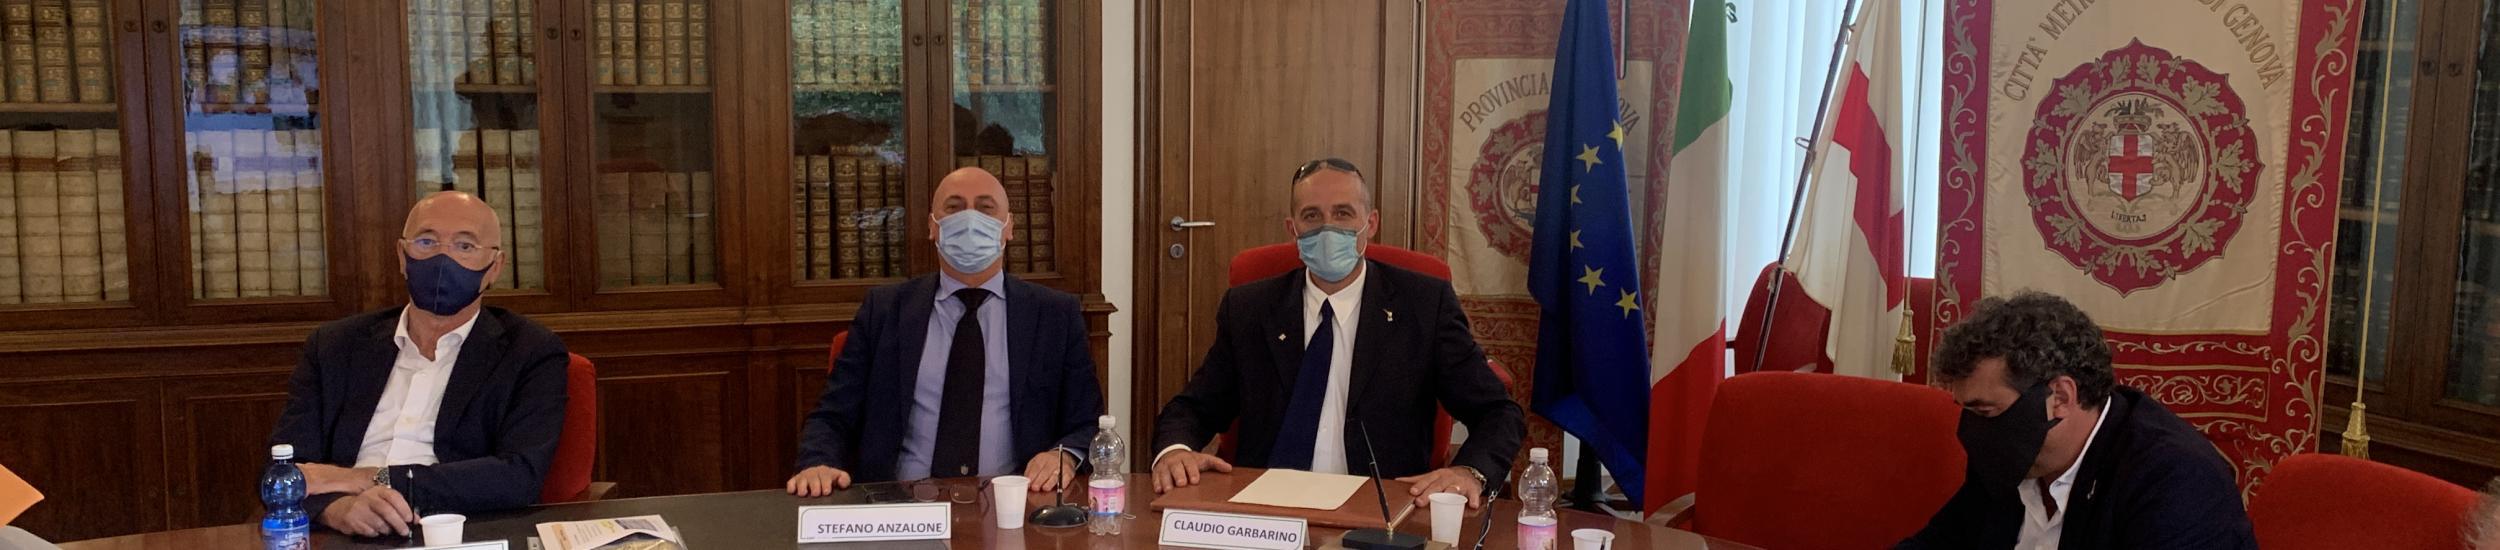 Alcuni Consiglieri presenti in nella sede di piazzale Mazzini